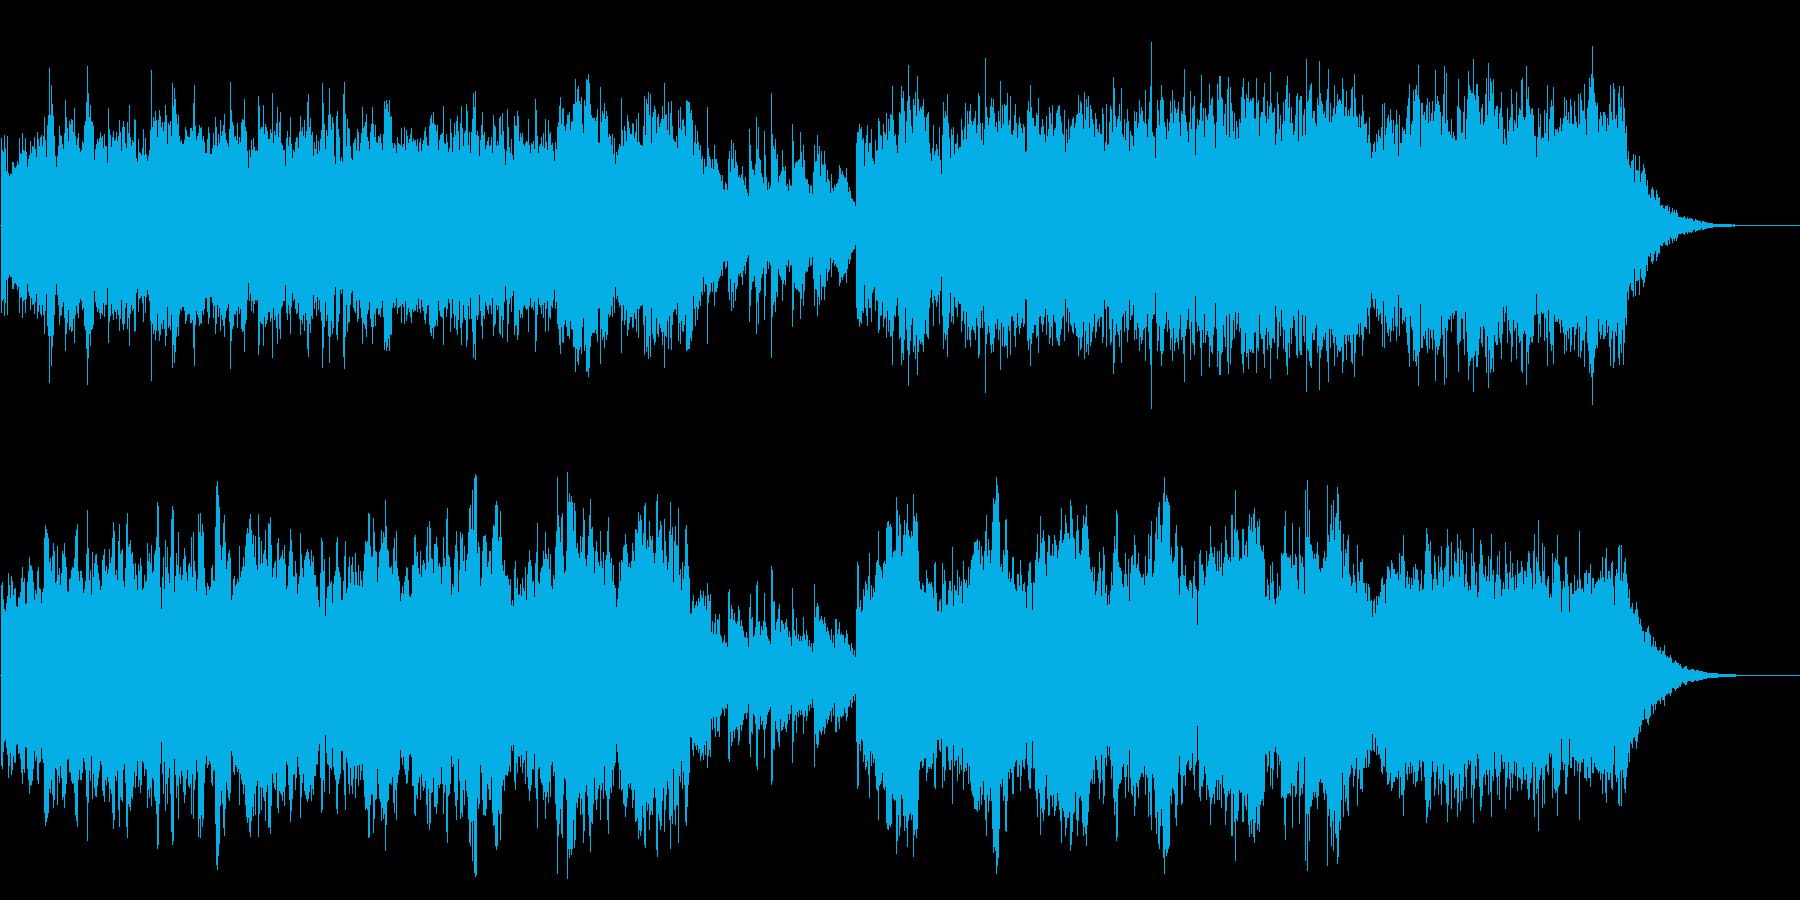 終焉、終末的にダークな雰囲気の短いBGMの再生済みの波形